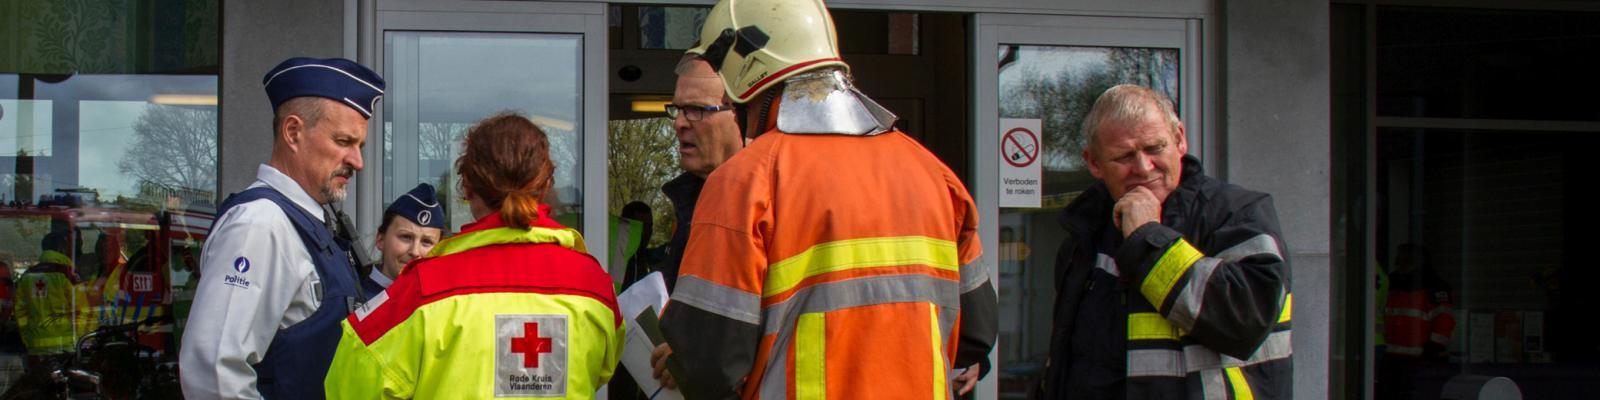 een politieman, een brandweerman en iemand van het Rode Kruis in overleg bij een rampenoefening